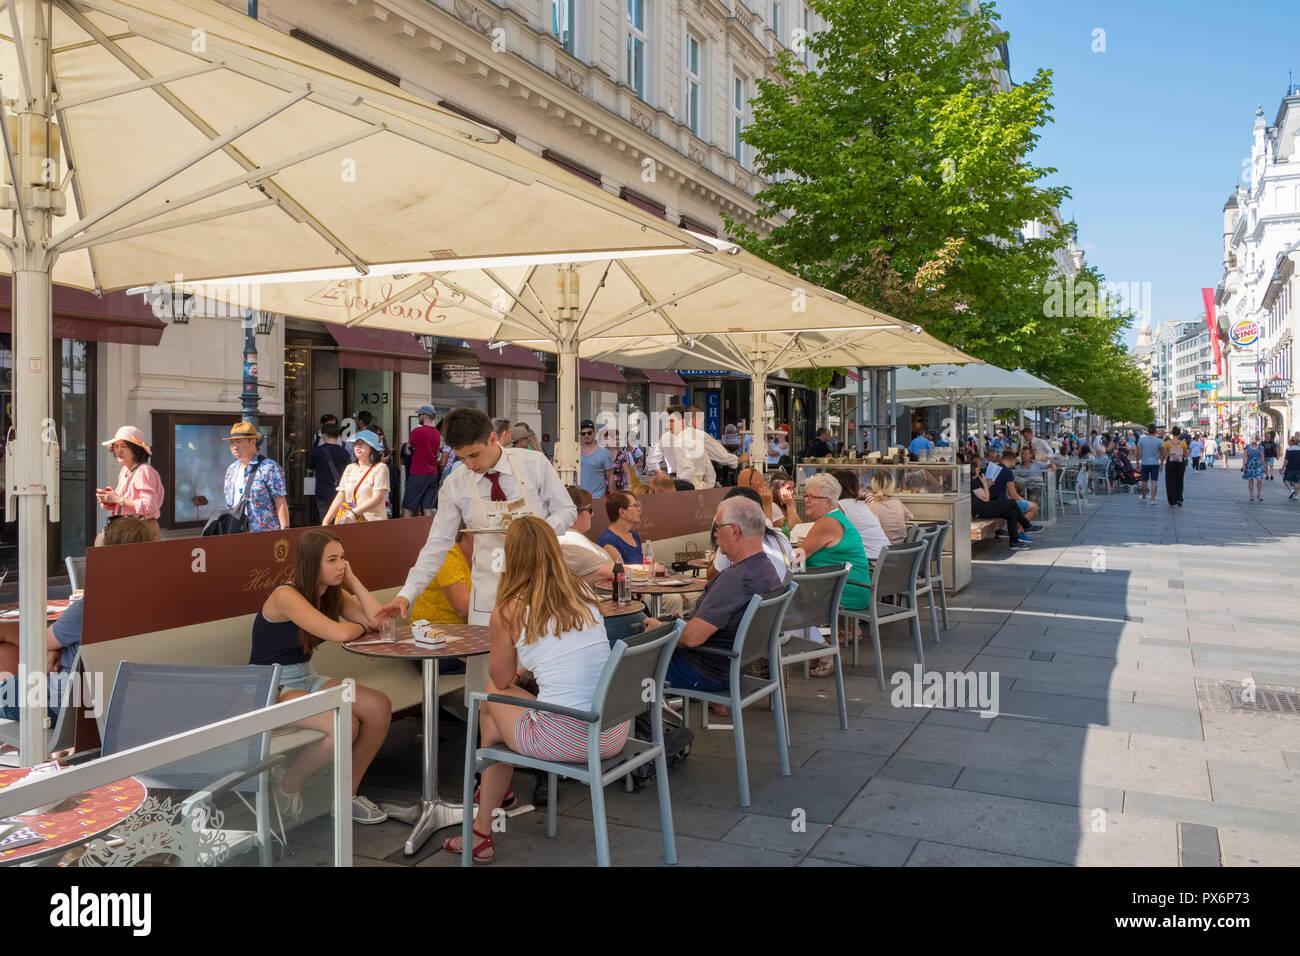 Café Sacher sur chaussée Kartner Strasse, dans le centre de Vienne, Autriche, Europe Photo Stock